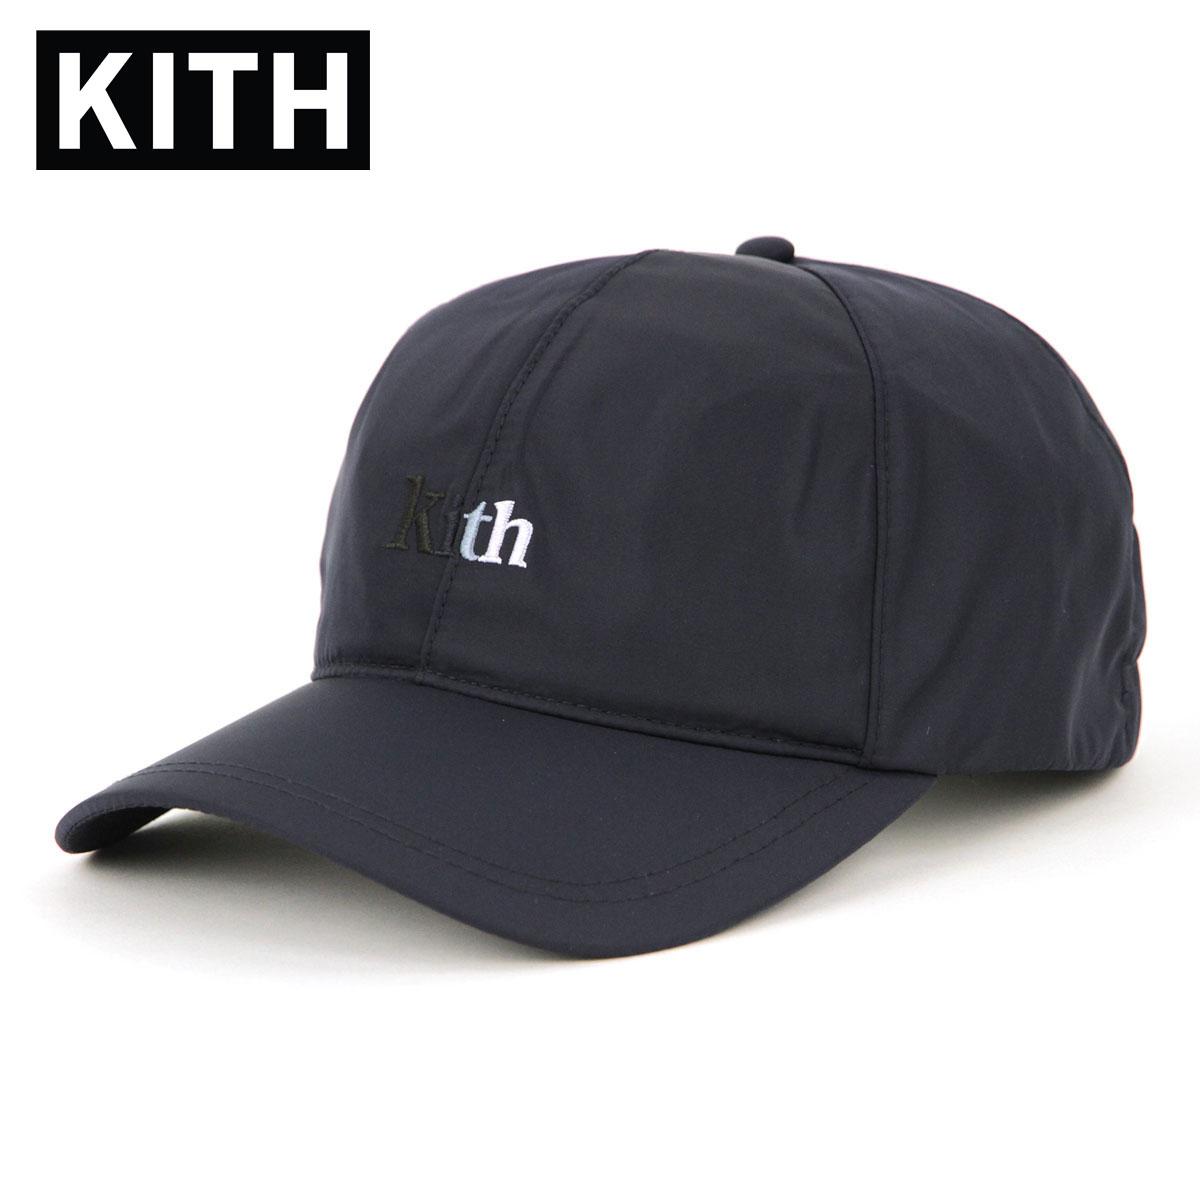 キス キャップ メンズ 正規品 KITH 帽子 KITH ELASTIC 6-PANEL CAP KH5722-102 NAVY 父の日